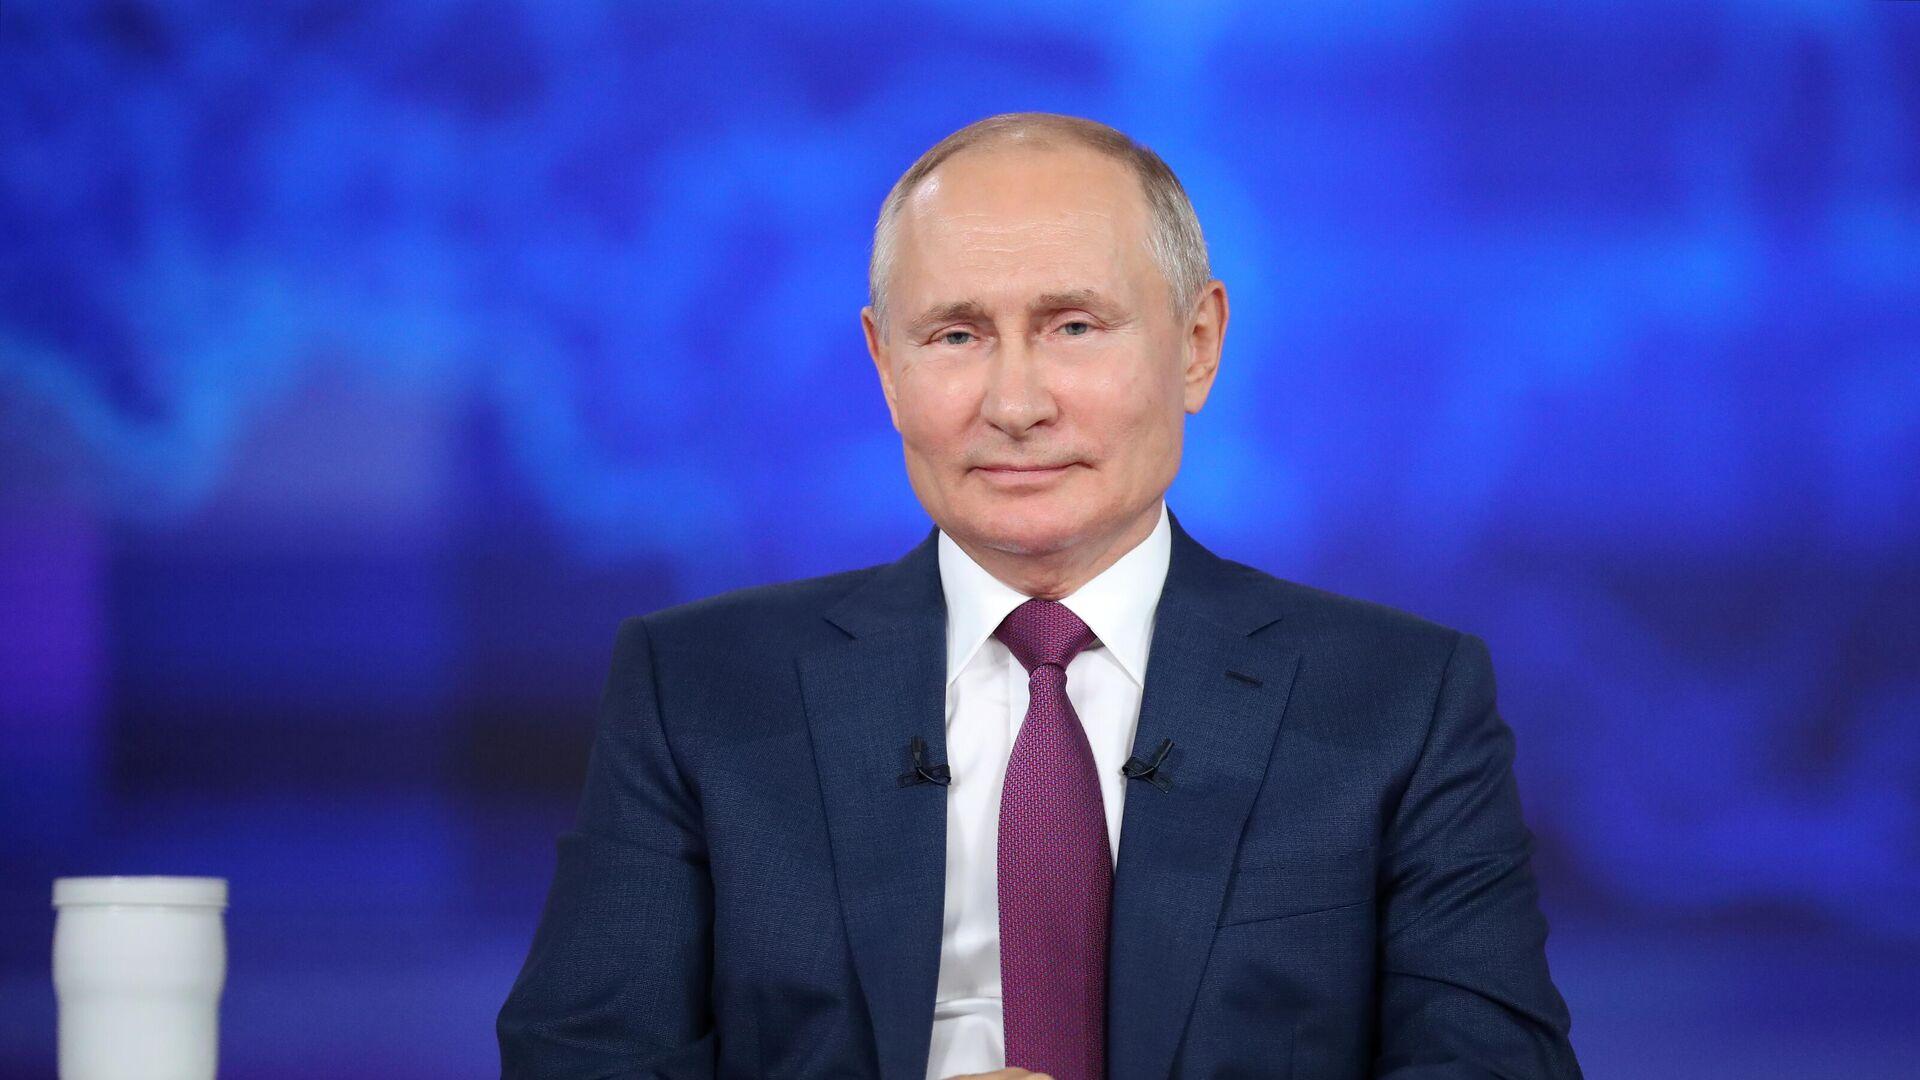 Прямая линия с президентом РФ Владимиром Путиным - Sputnik Латвия, 1920, 30.06.2021